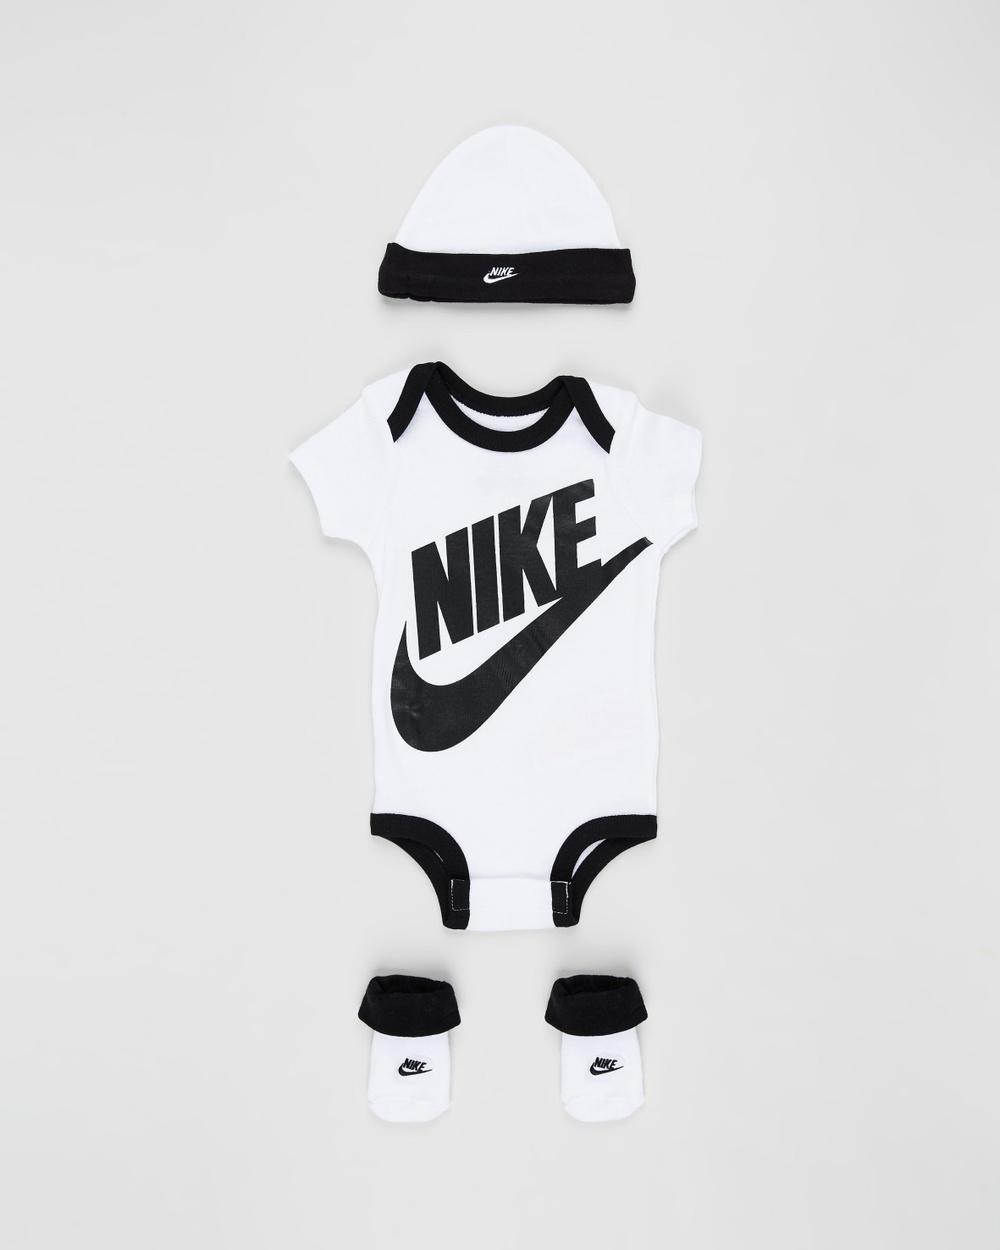 Nike Futura Logo Boxed Set Babies Headwear White